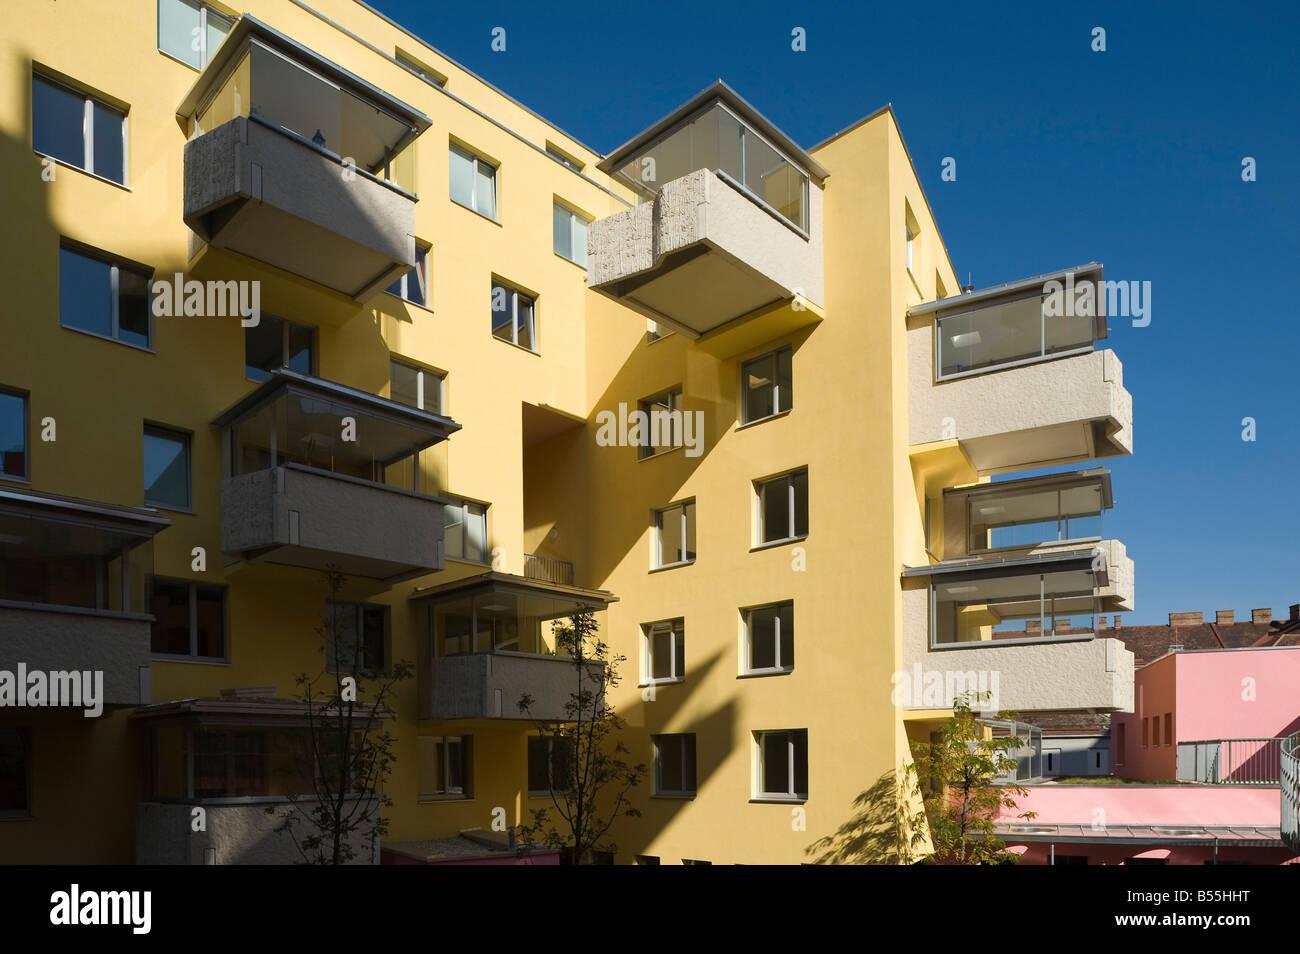 Wien Terrassenhaus Buchengasse Architekt Rüdiger Lainer 2008 - Stock Image